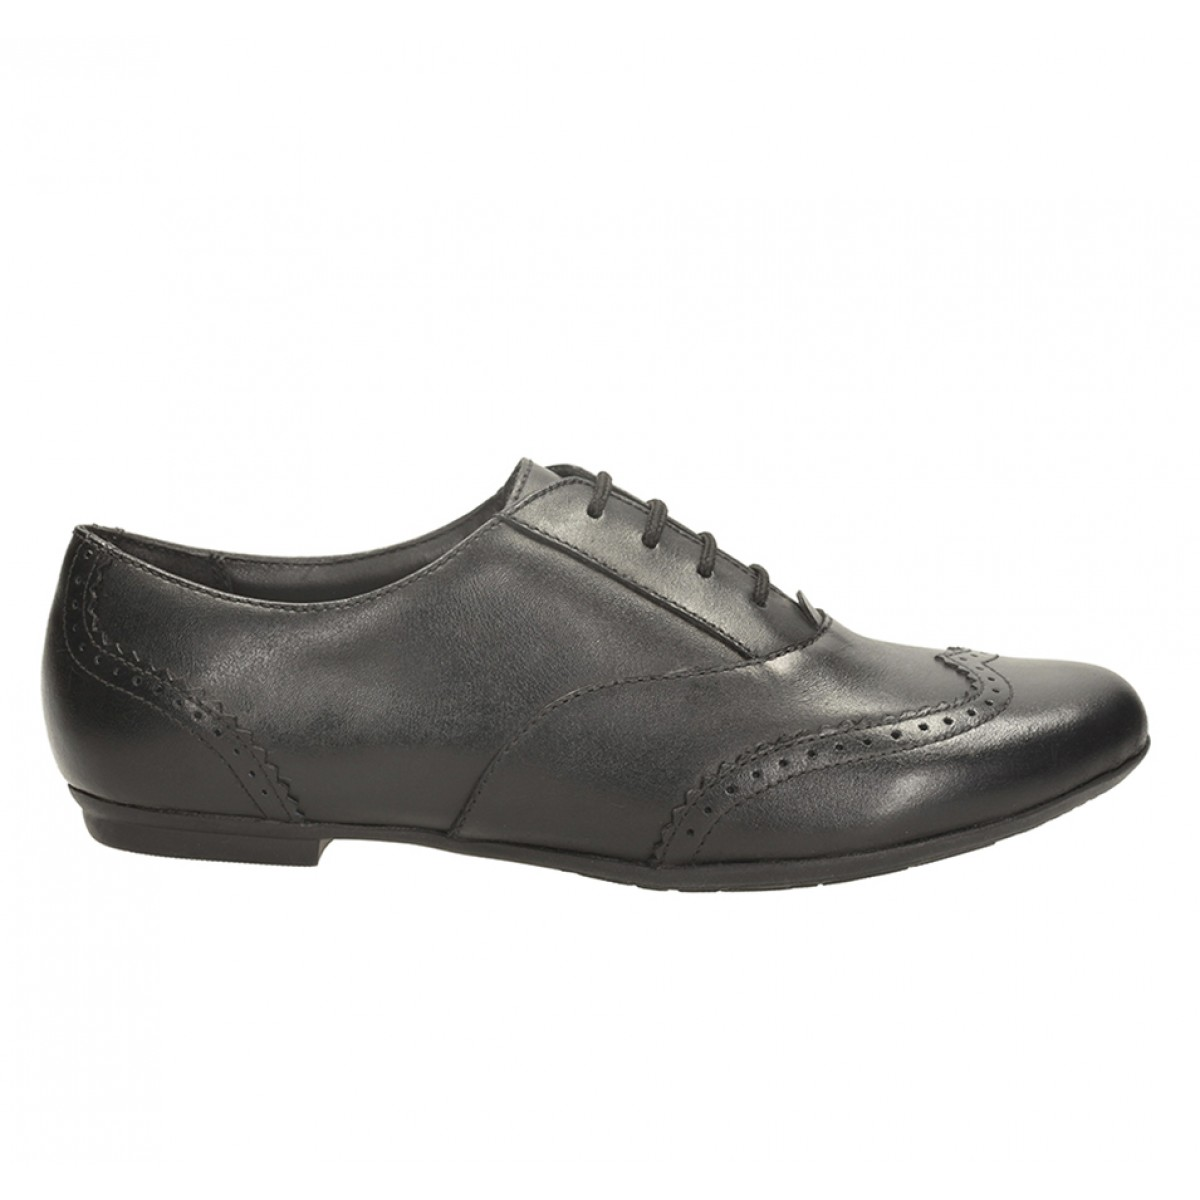 Umi Shoes Sale